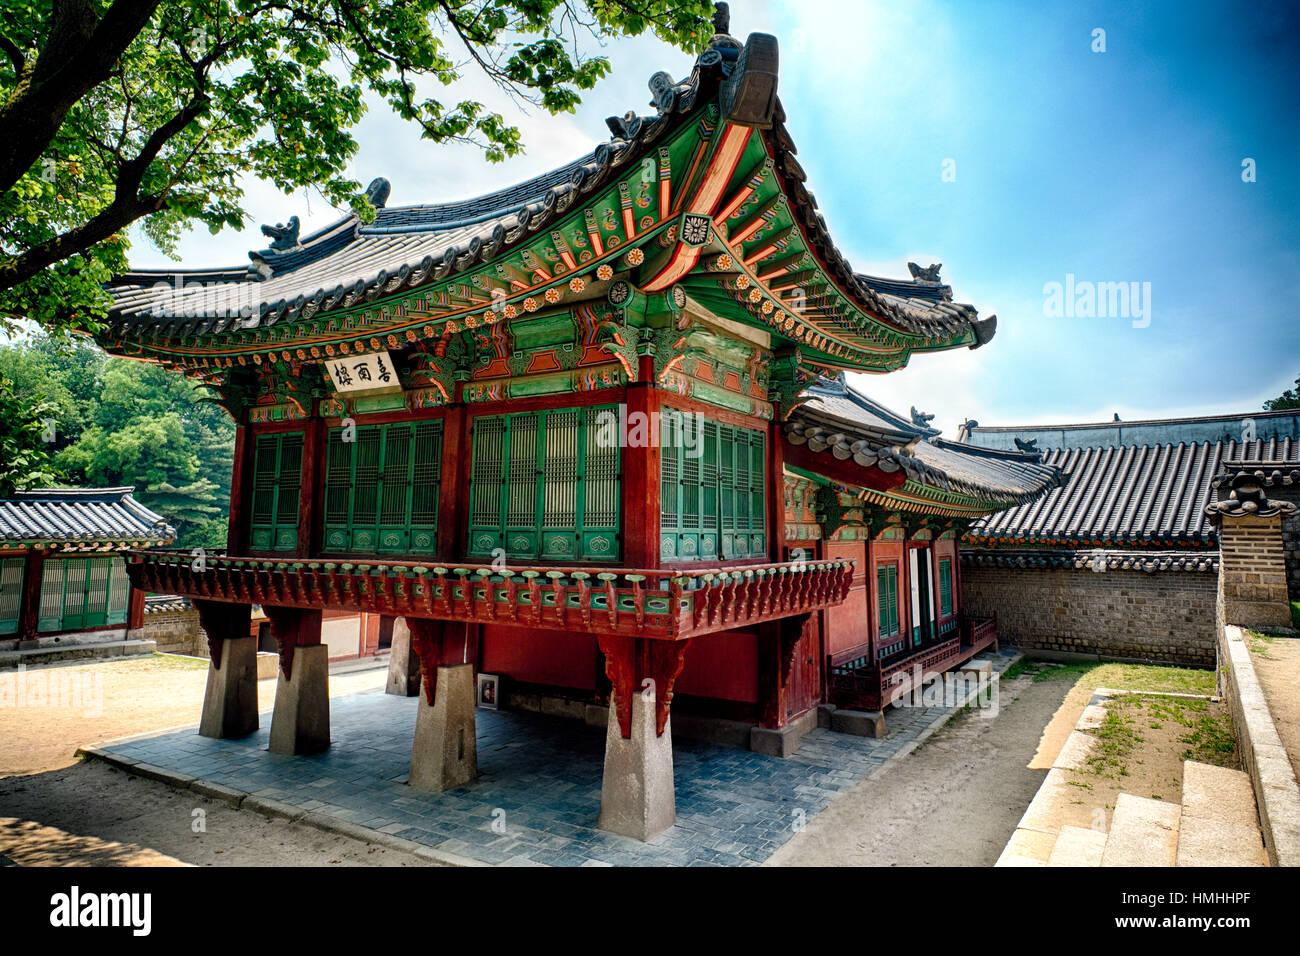 Ornati coreano tradizionali edifici in Changdeokgung Royal Palace, Seoul, Corea del Sud Immagini Stock